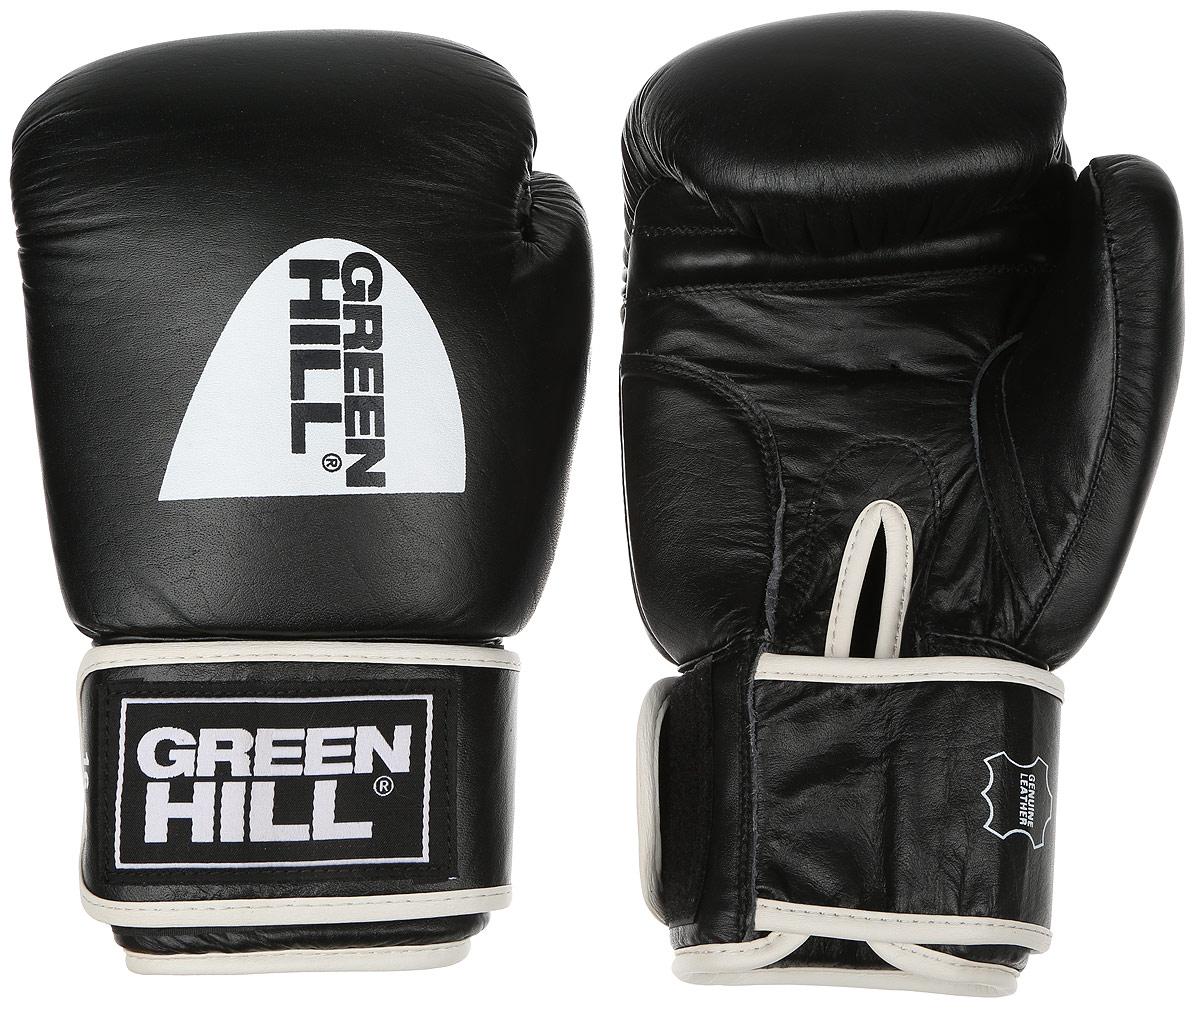 Перчатки боксерские Green Hill Gym, цвет: черный, белый. Вес 16 унцийBGA-2024Боксерские перчатки Green Hill Gym подходят для всех видов единоборств где применяют перчатки. Подойдет как для бокса, так и для кикбоксинга. Новички и профессионалы высоко ценят эту модель за универсальность. Верхняя часть перчатки выполнена из натуральной кожи, наполнитель - пенополиуретан. Перфорированная поверхность в области ладони позволяет создать максимально комфортный терморежим во время занятий. Закрепляется на руке при помощи липучки.